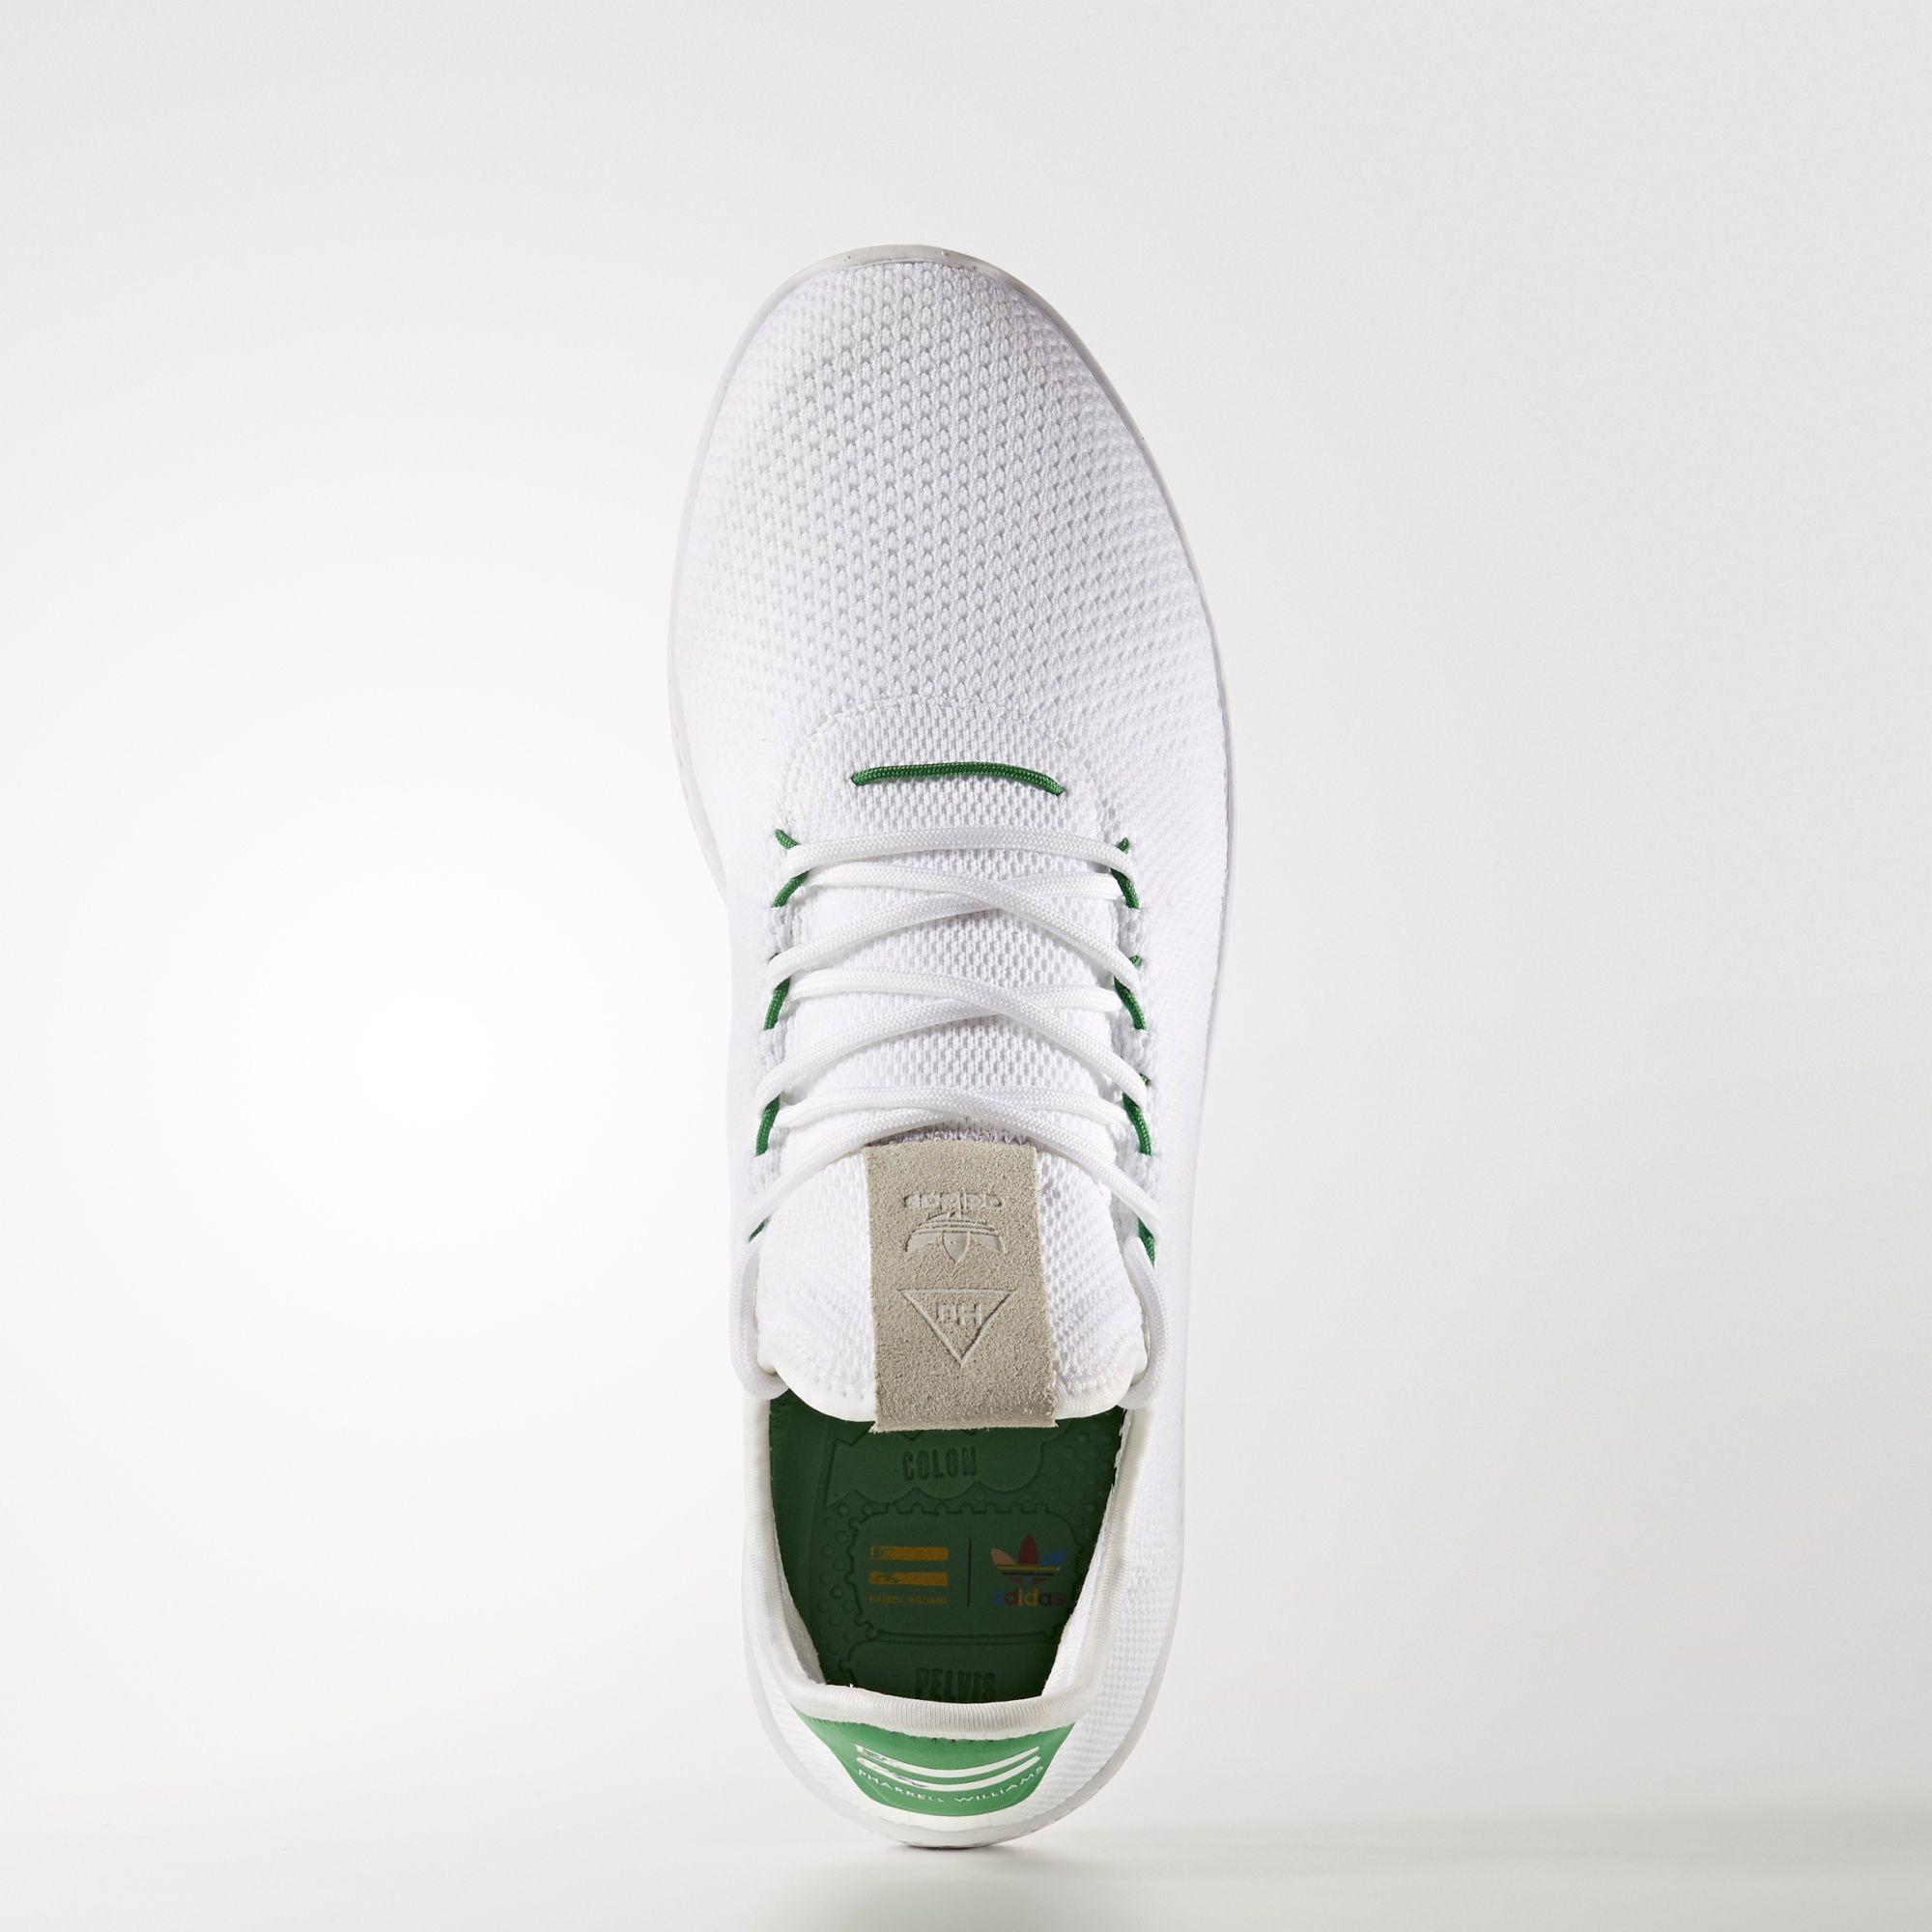 Pharrell Williams x adidas Tennis HU Primeknit Green BA7828 1